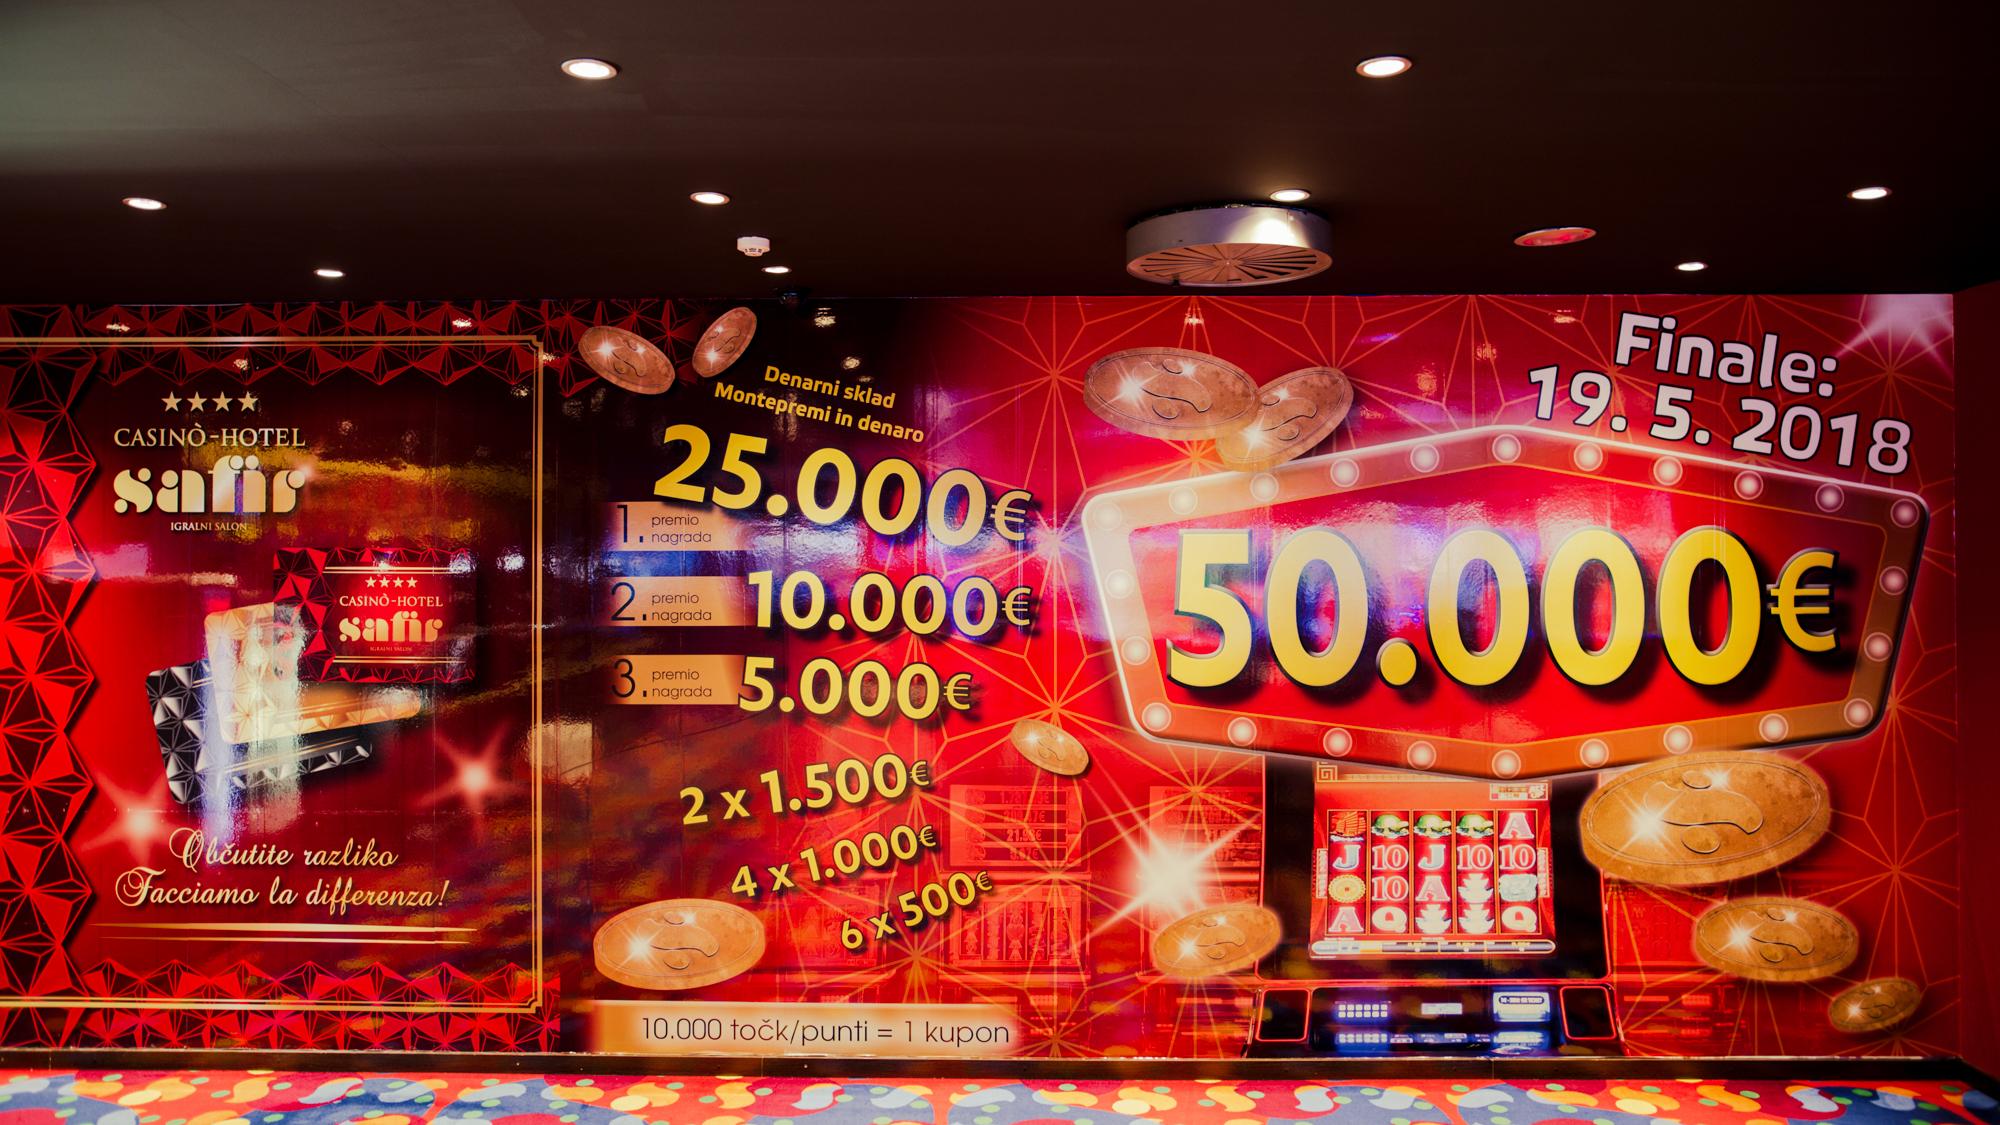 safir_casino_rojcana_-1-of-1-1